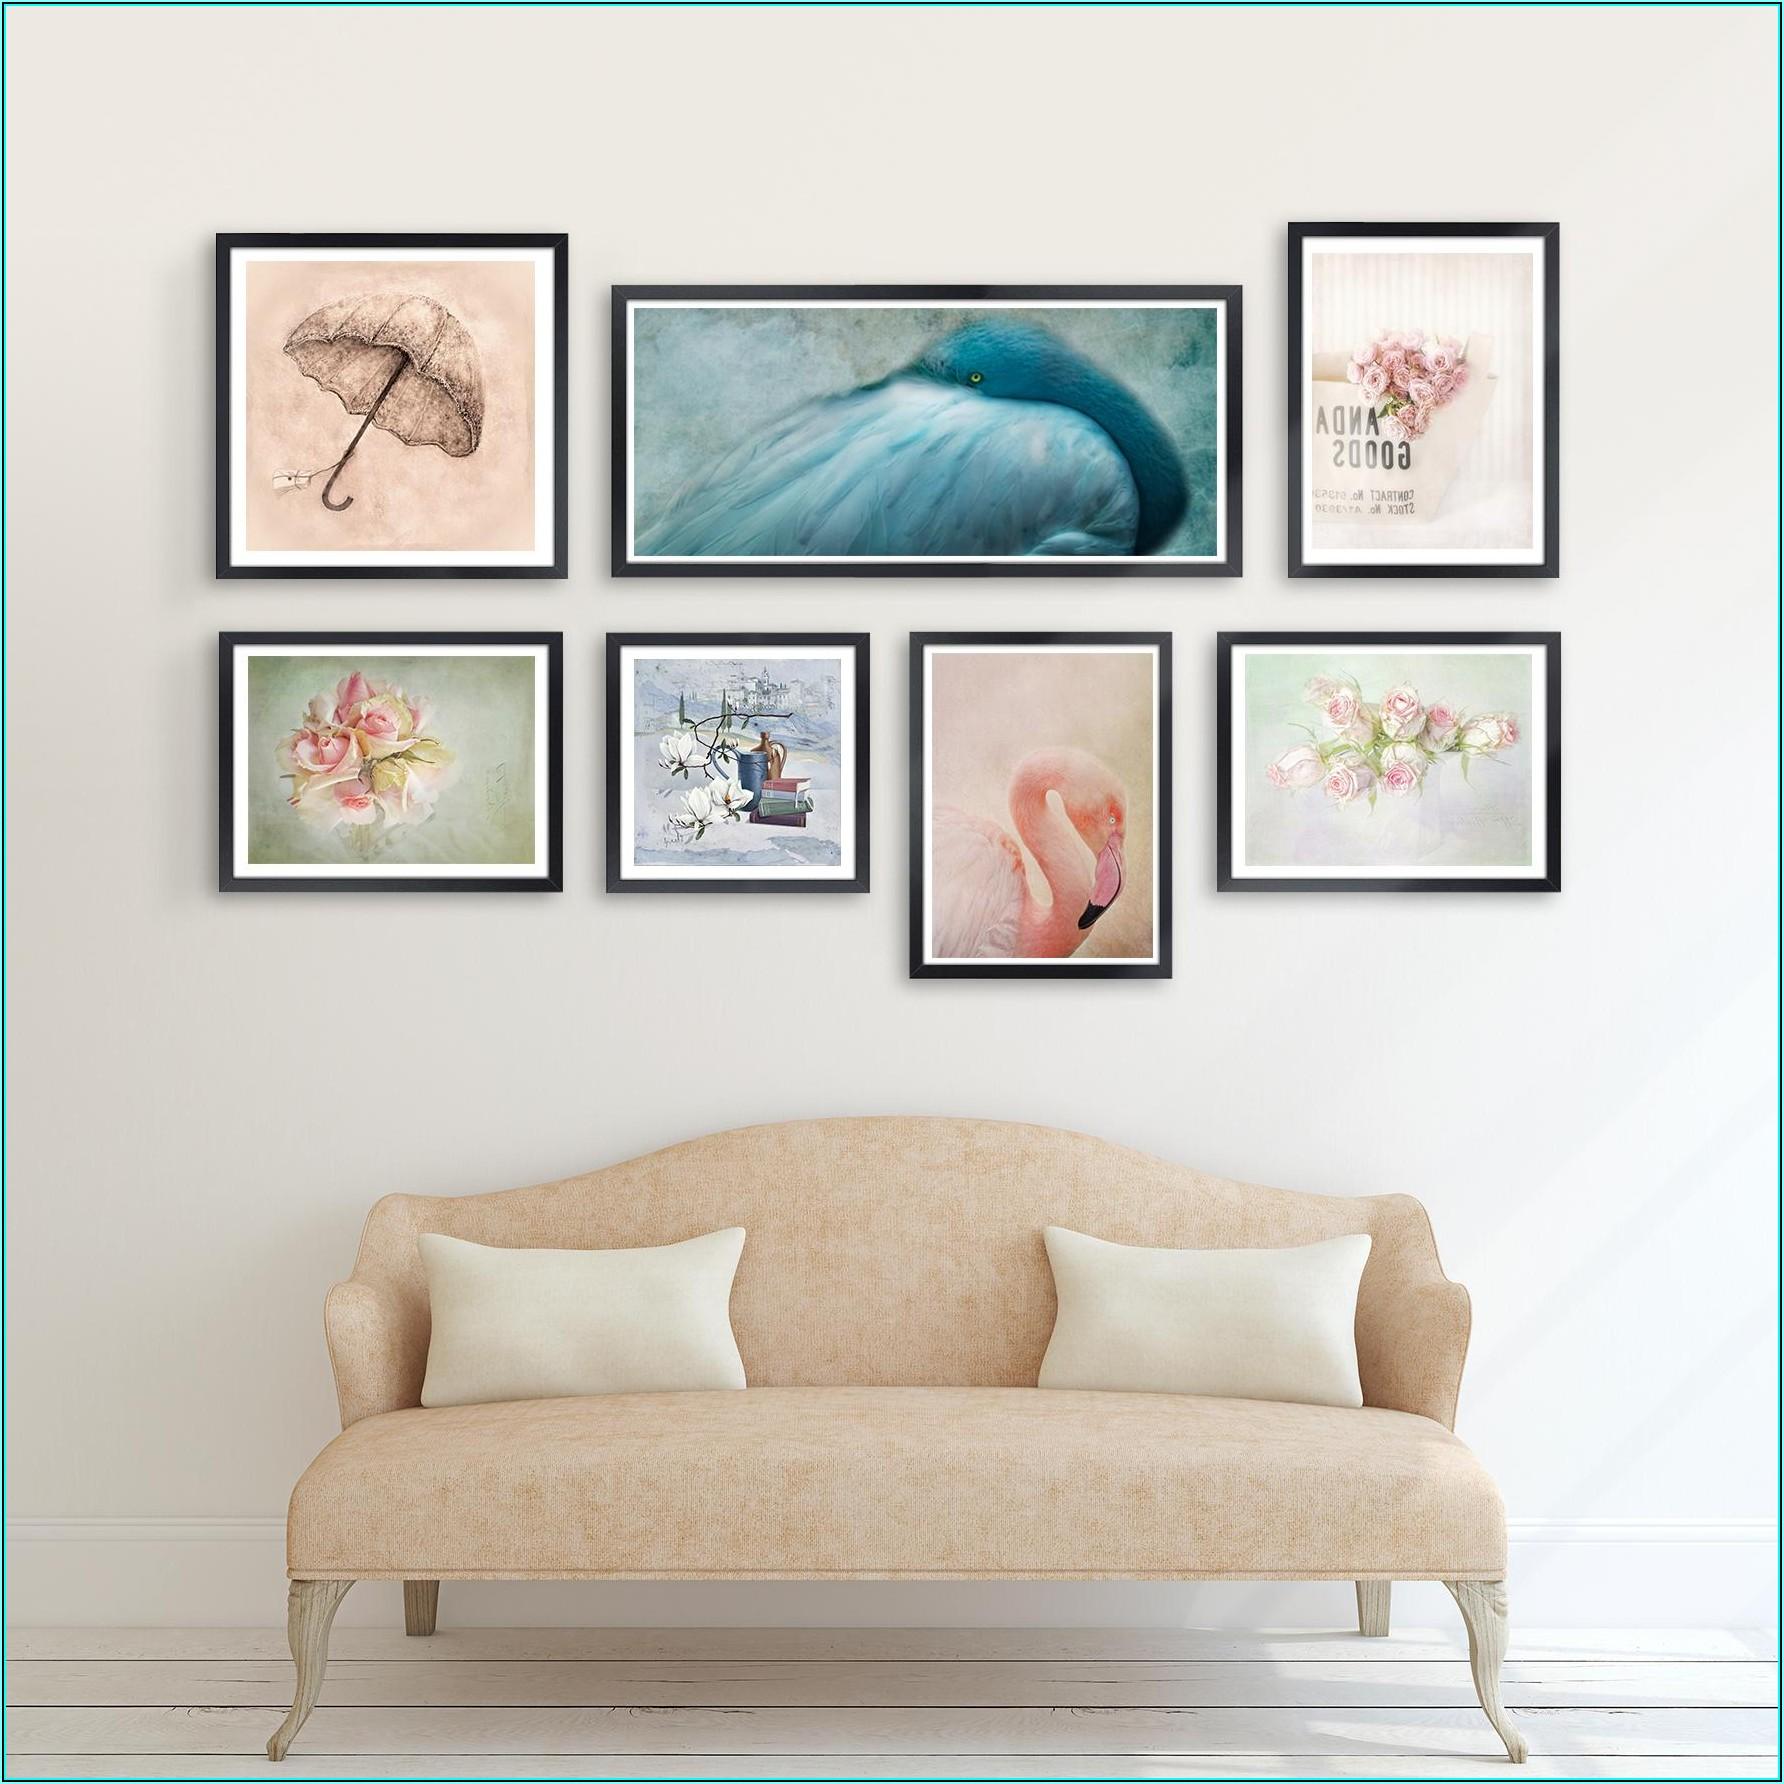 Bilder Anordnen Wohnzimmer